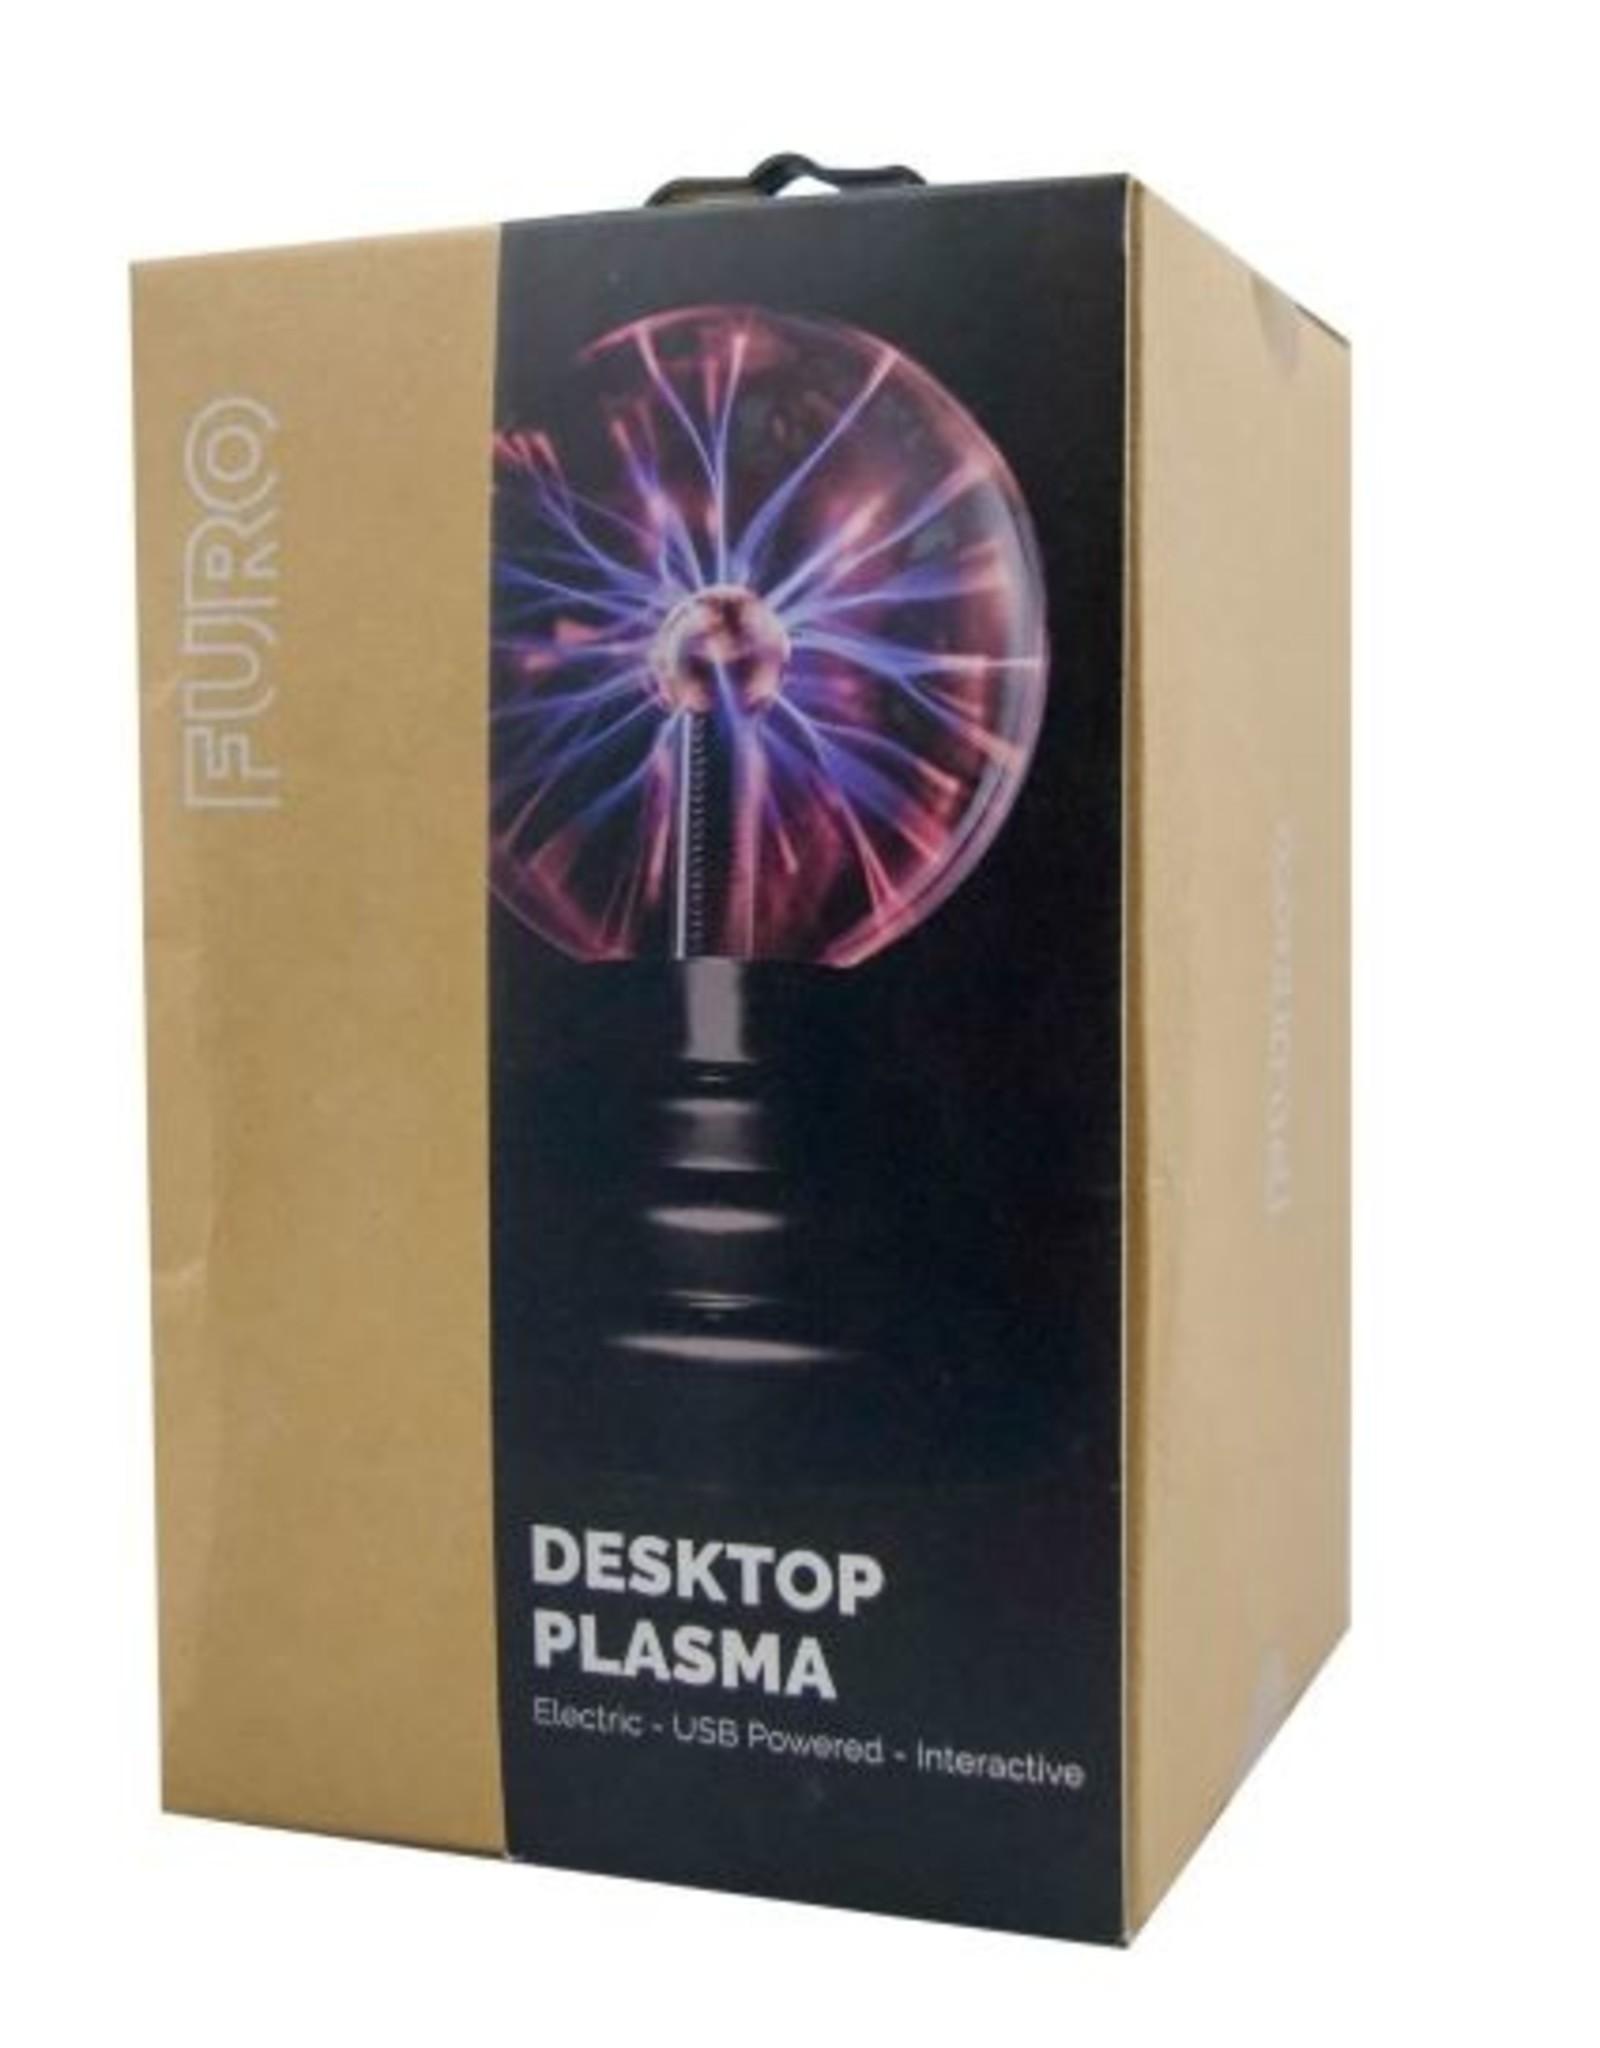 Furo Desktop Plasma Ball FT8106